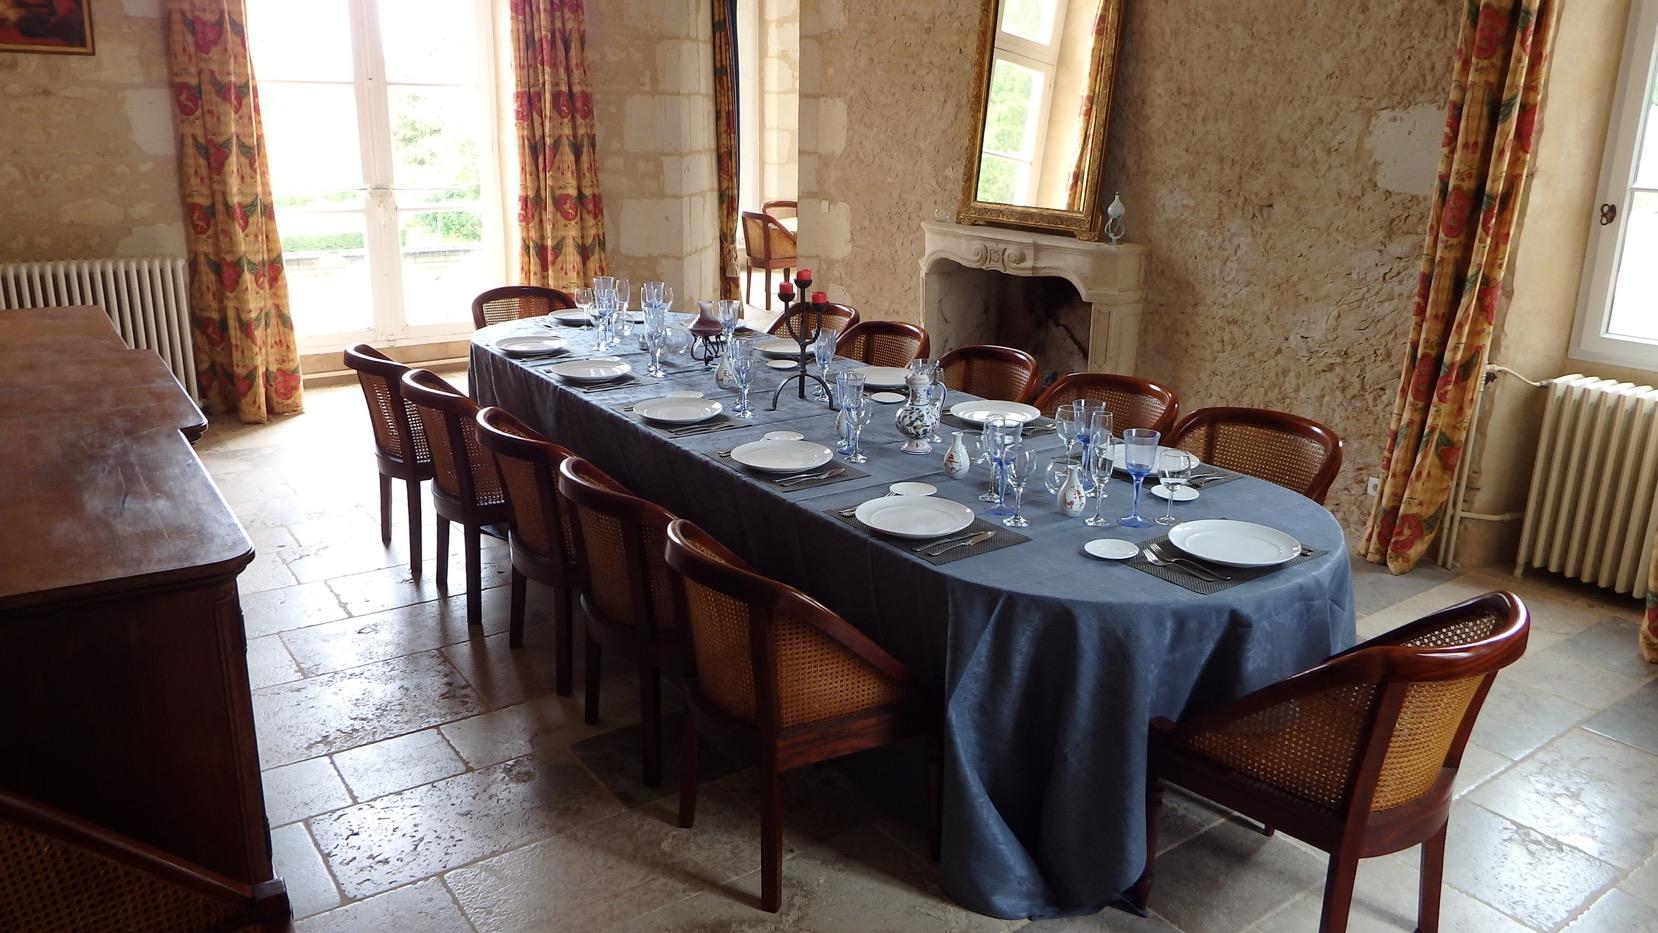 repas gastronomique en tablea d 39 h tes au ch teau normandie